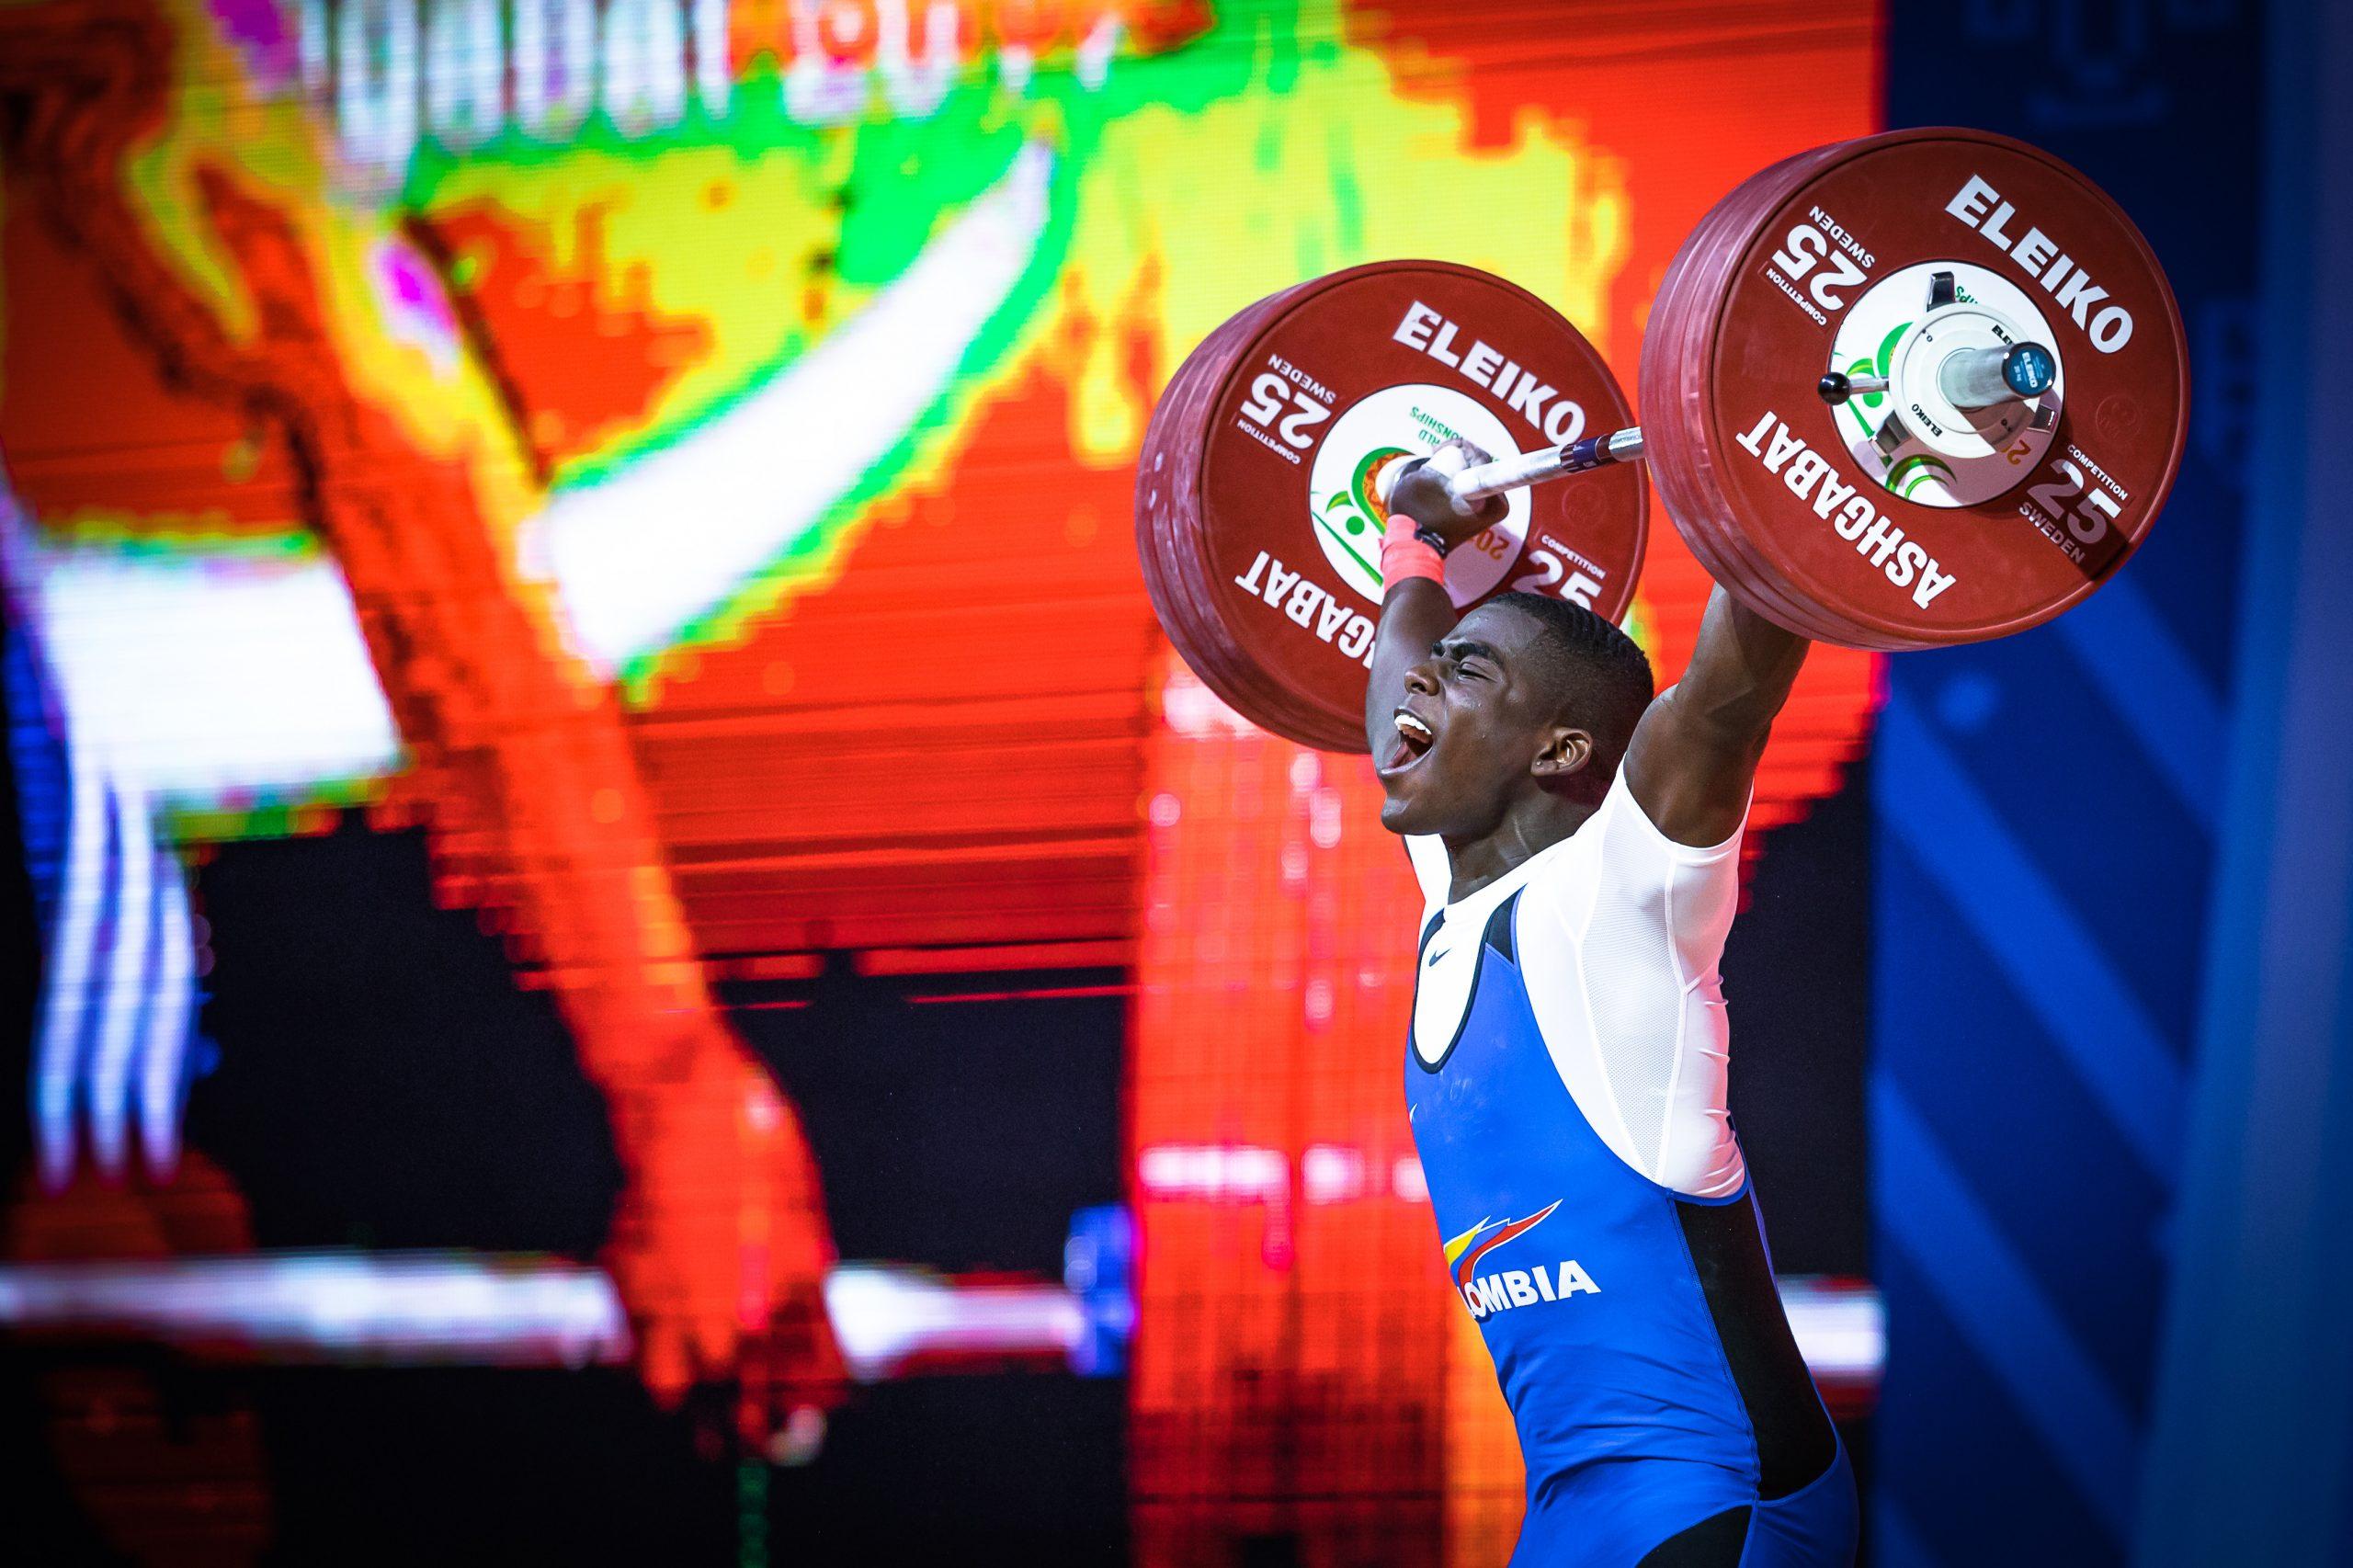 Jhonaton Rivas Snatching at the 2018 World Championships